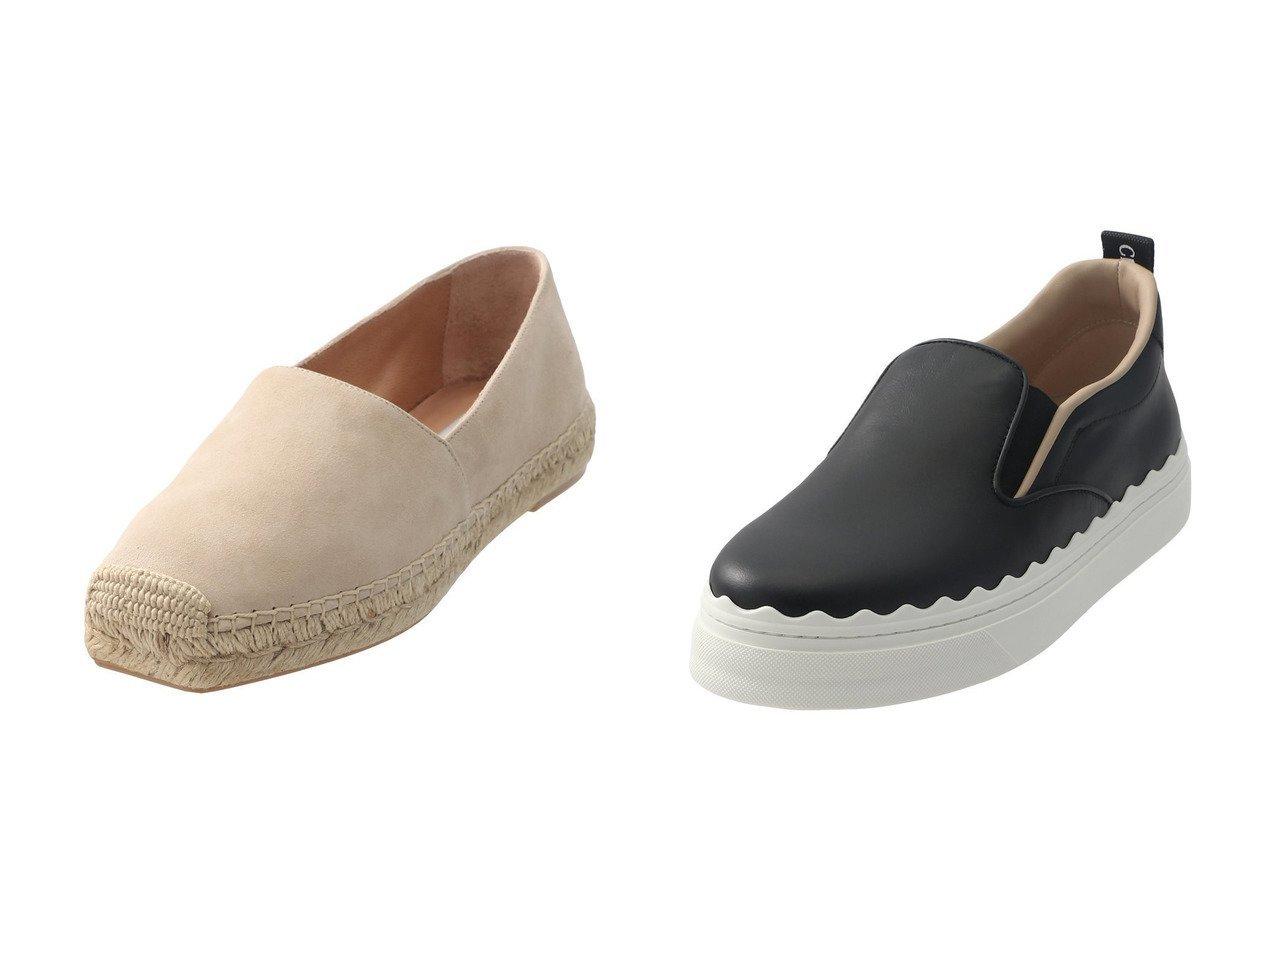 【PELLICO/ペリーコ】の【PELLICO SUNNY】スエードエスパドリーユ&【CHLOE/クロエ】のLAUREN スリッポン 【シューズ・靴】おすすめ!人気、トレンド・レディースファッションの通販 おすすめで人気の流行・トレンド、ファッションの通販商品 メンズファッション・キッズファッション・インテリア・家具・レディースファッション・服の通販 founy(ファニー) https://founy.com/ ファッション Fashion レディースファッション WOMEN スニーカー スポーティ スリッポン モダン 人気 厚底 おすすめ Recommend シューズ スエード フラット  ID:crp329100000029170